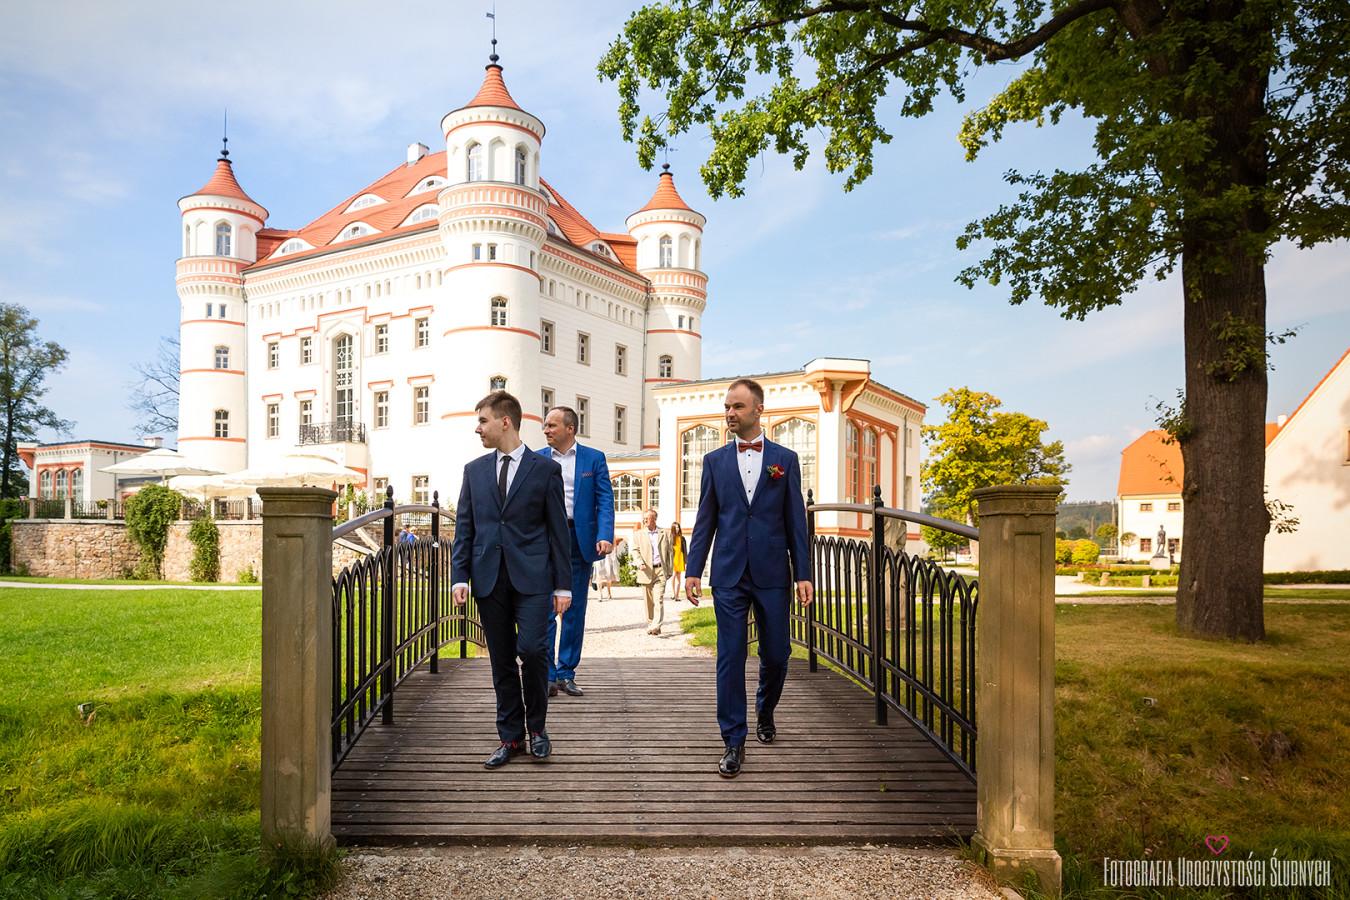 Marika i Boguś na mojej artystycznej fotografii ślubnej w Pałacu Wojanów koło Jeleniej Góry. Reportaż ślubny Wojanów.